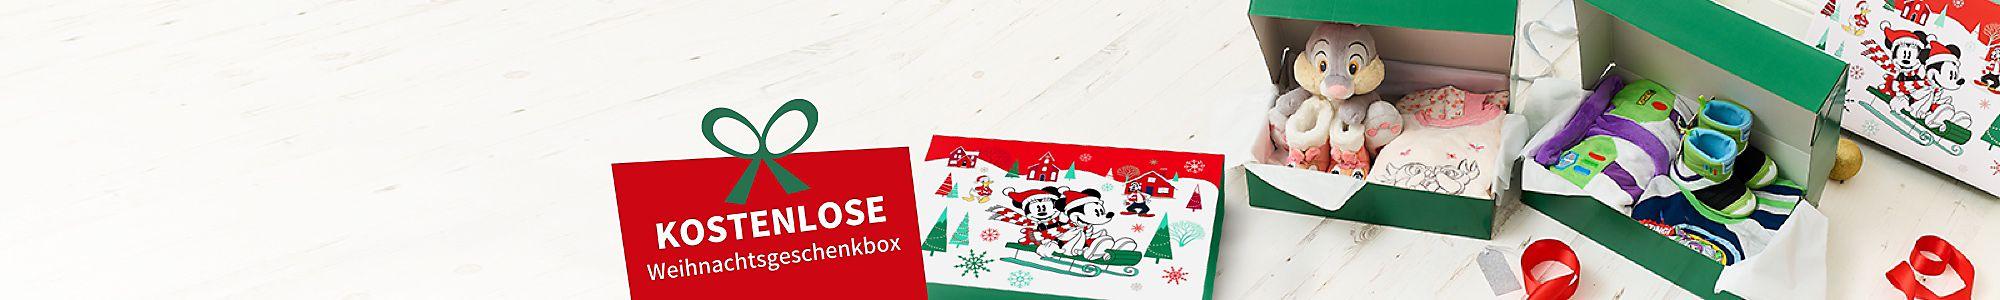 Kostenlose Weihnachtsgeschenkbox wenn du zwei beliebige Artikel  aus der Kategorie Schlaf-Shop kaufst JETZT KAUFEN